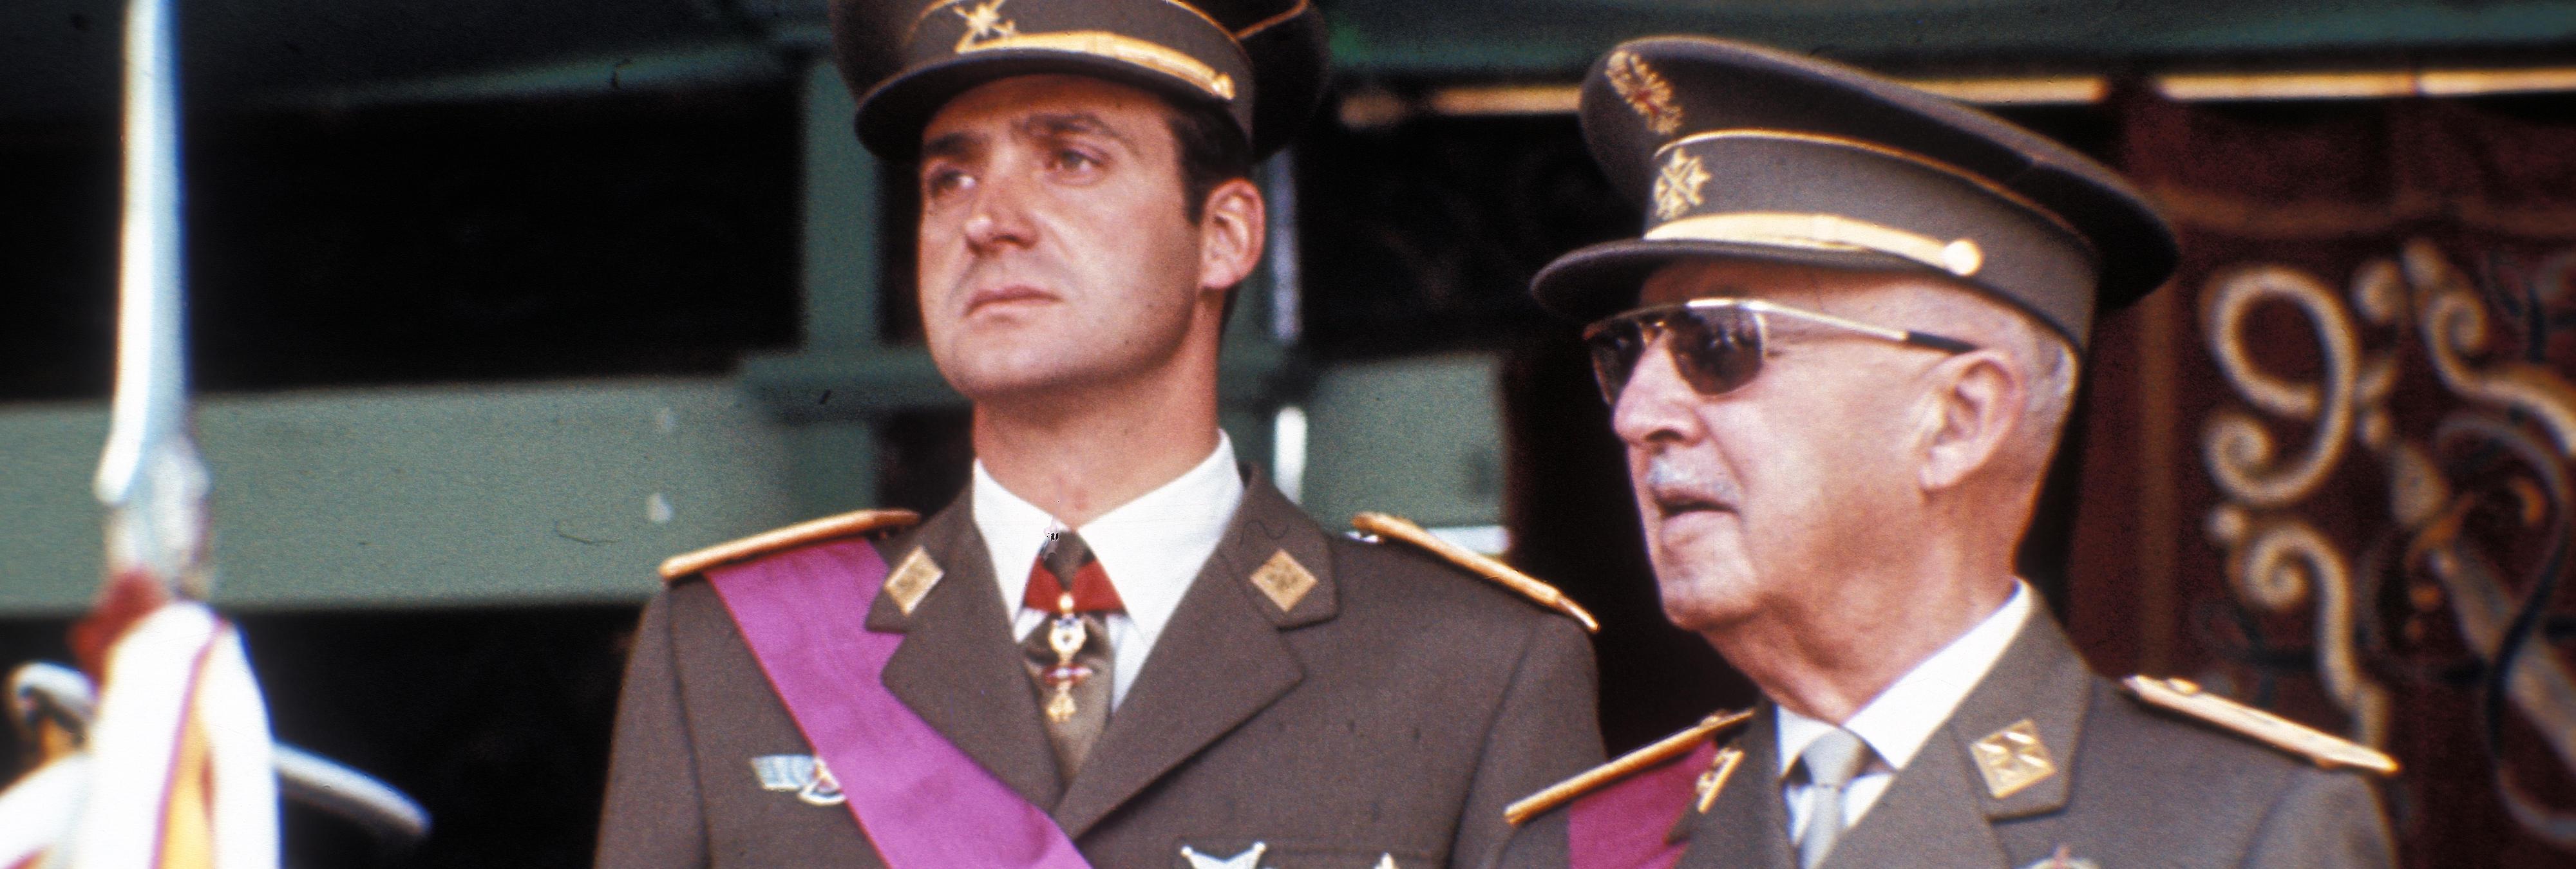 Esto con Franco no pasaba: 10 cosas que hoy SÍ puedes hacer